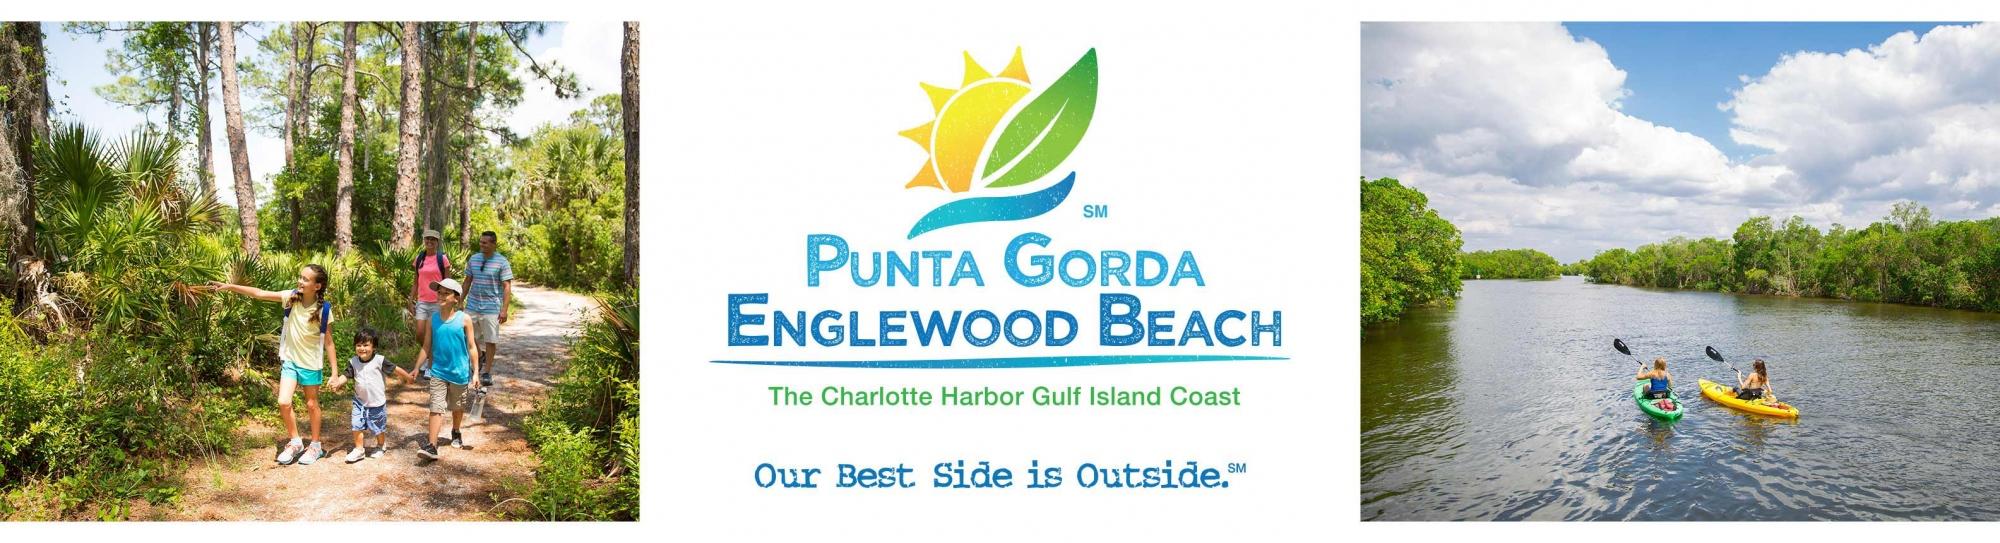 Punta Gorda hiking, kayaking and logos